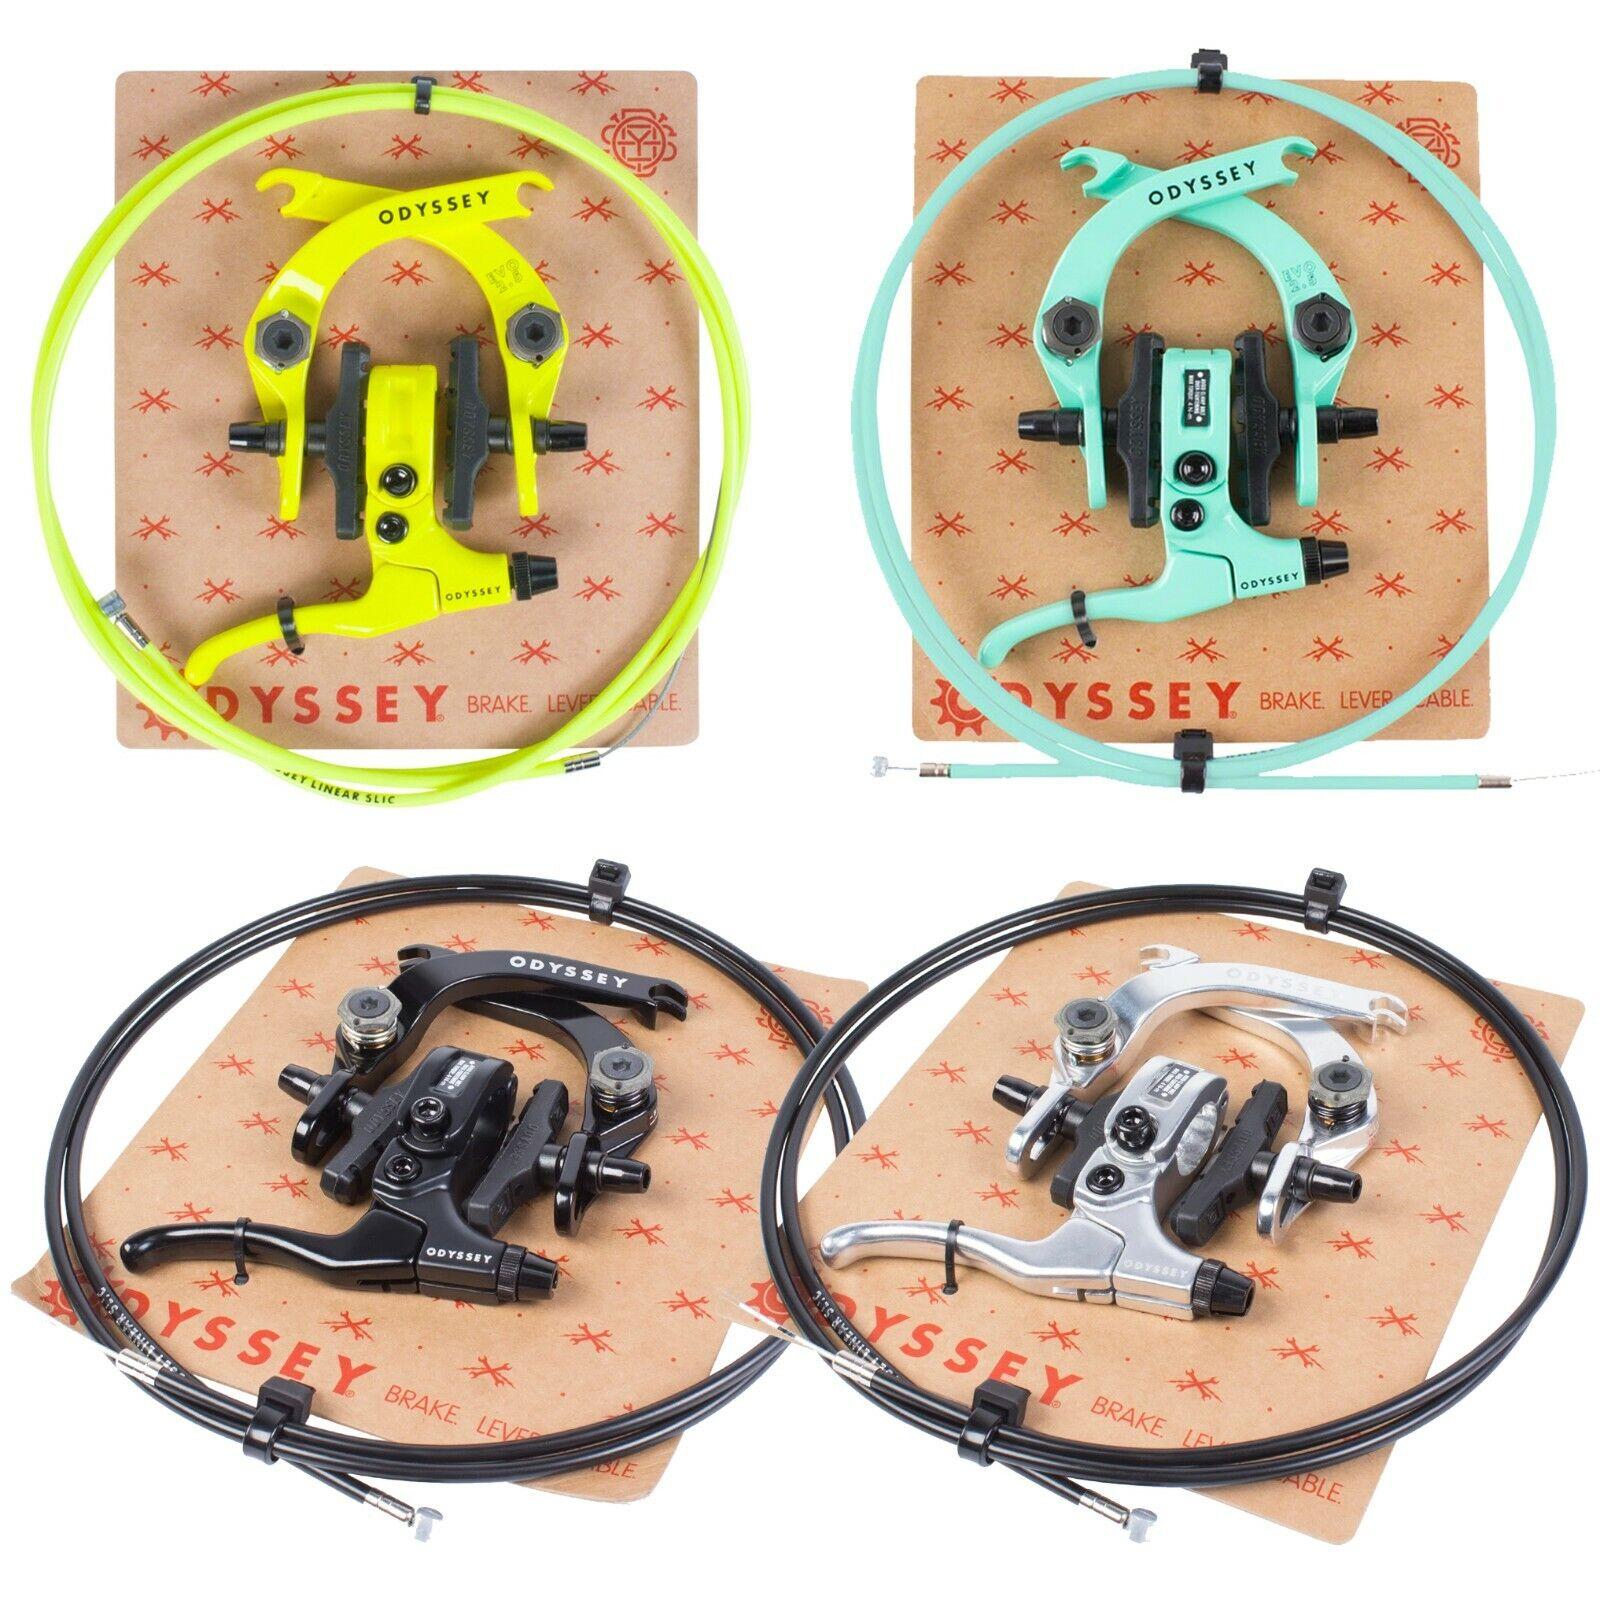 ODYSSEY BMX BIKE EVO 2.5 BICYCLE U-BRAKE KIT schwarz POLISHED Gelb TOOTHPASTE